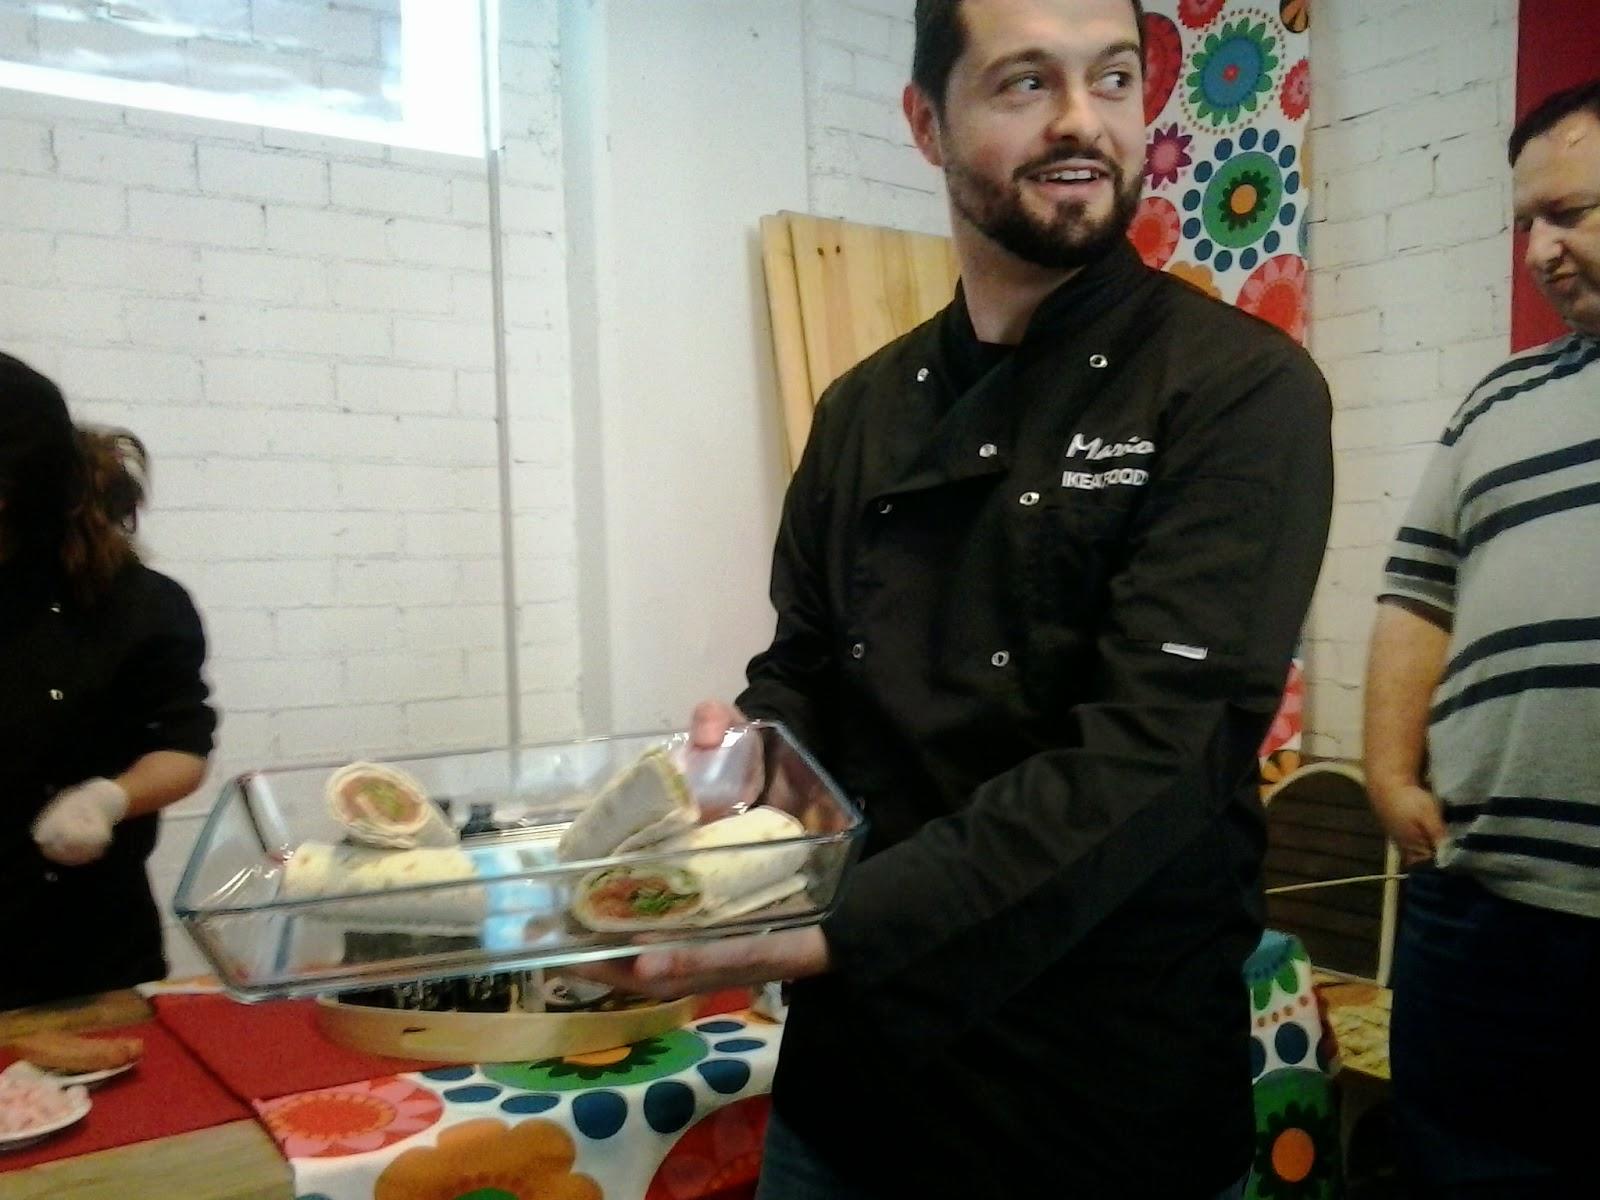 En busca de un empleo en ikea valencia abril 2014 - Trabajo de jefe de cocina ...